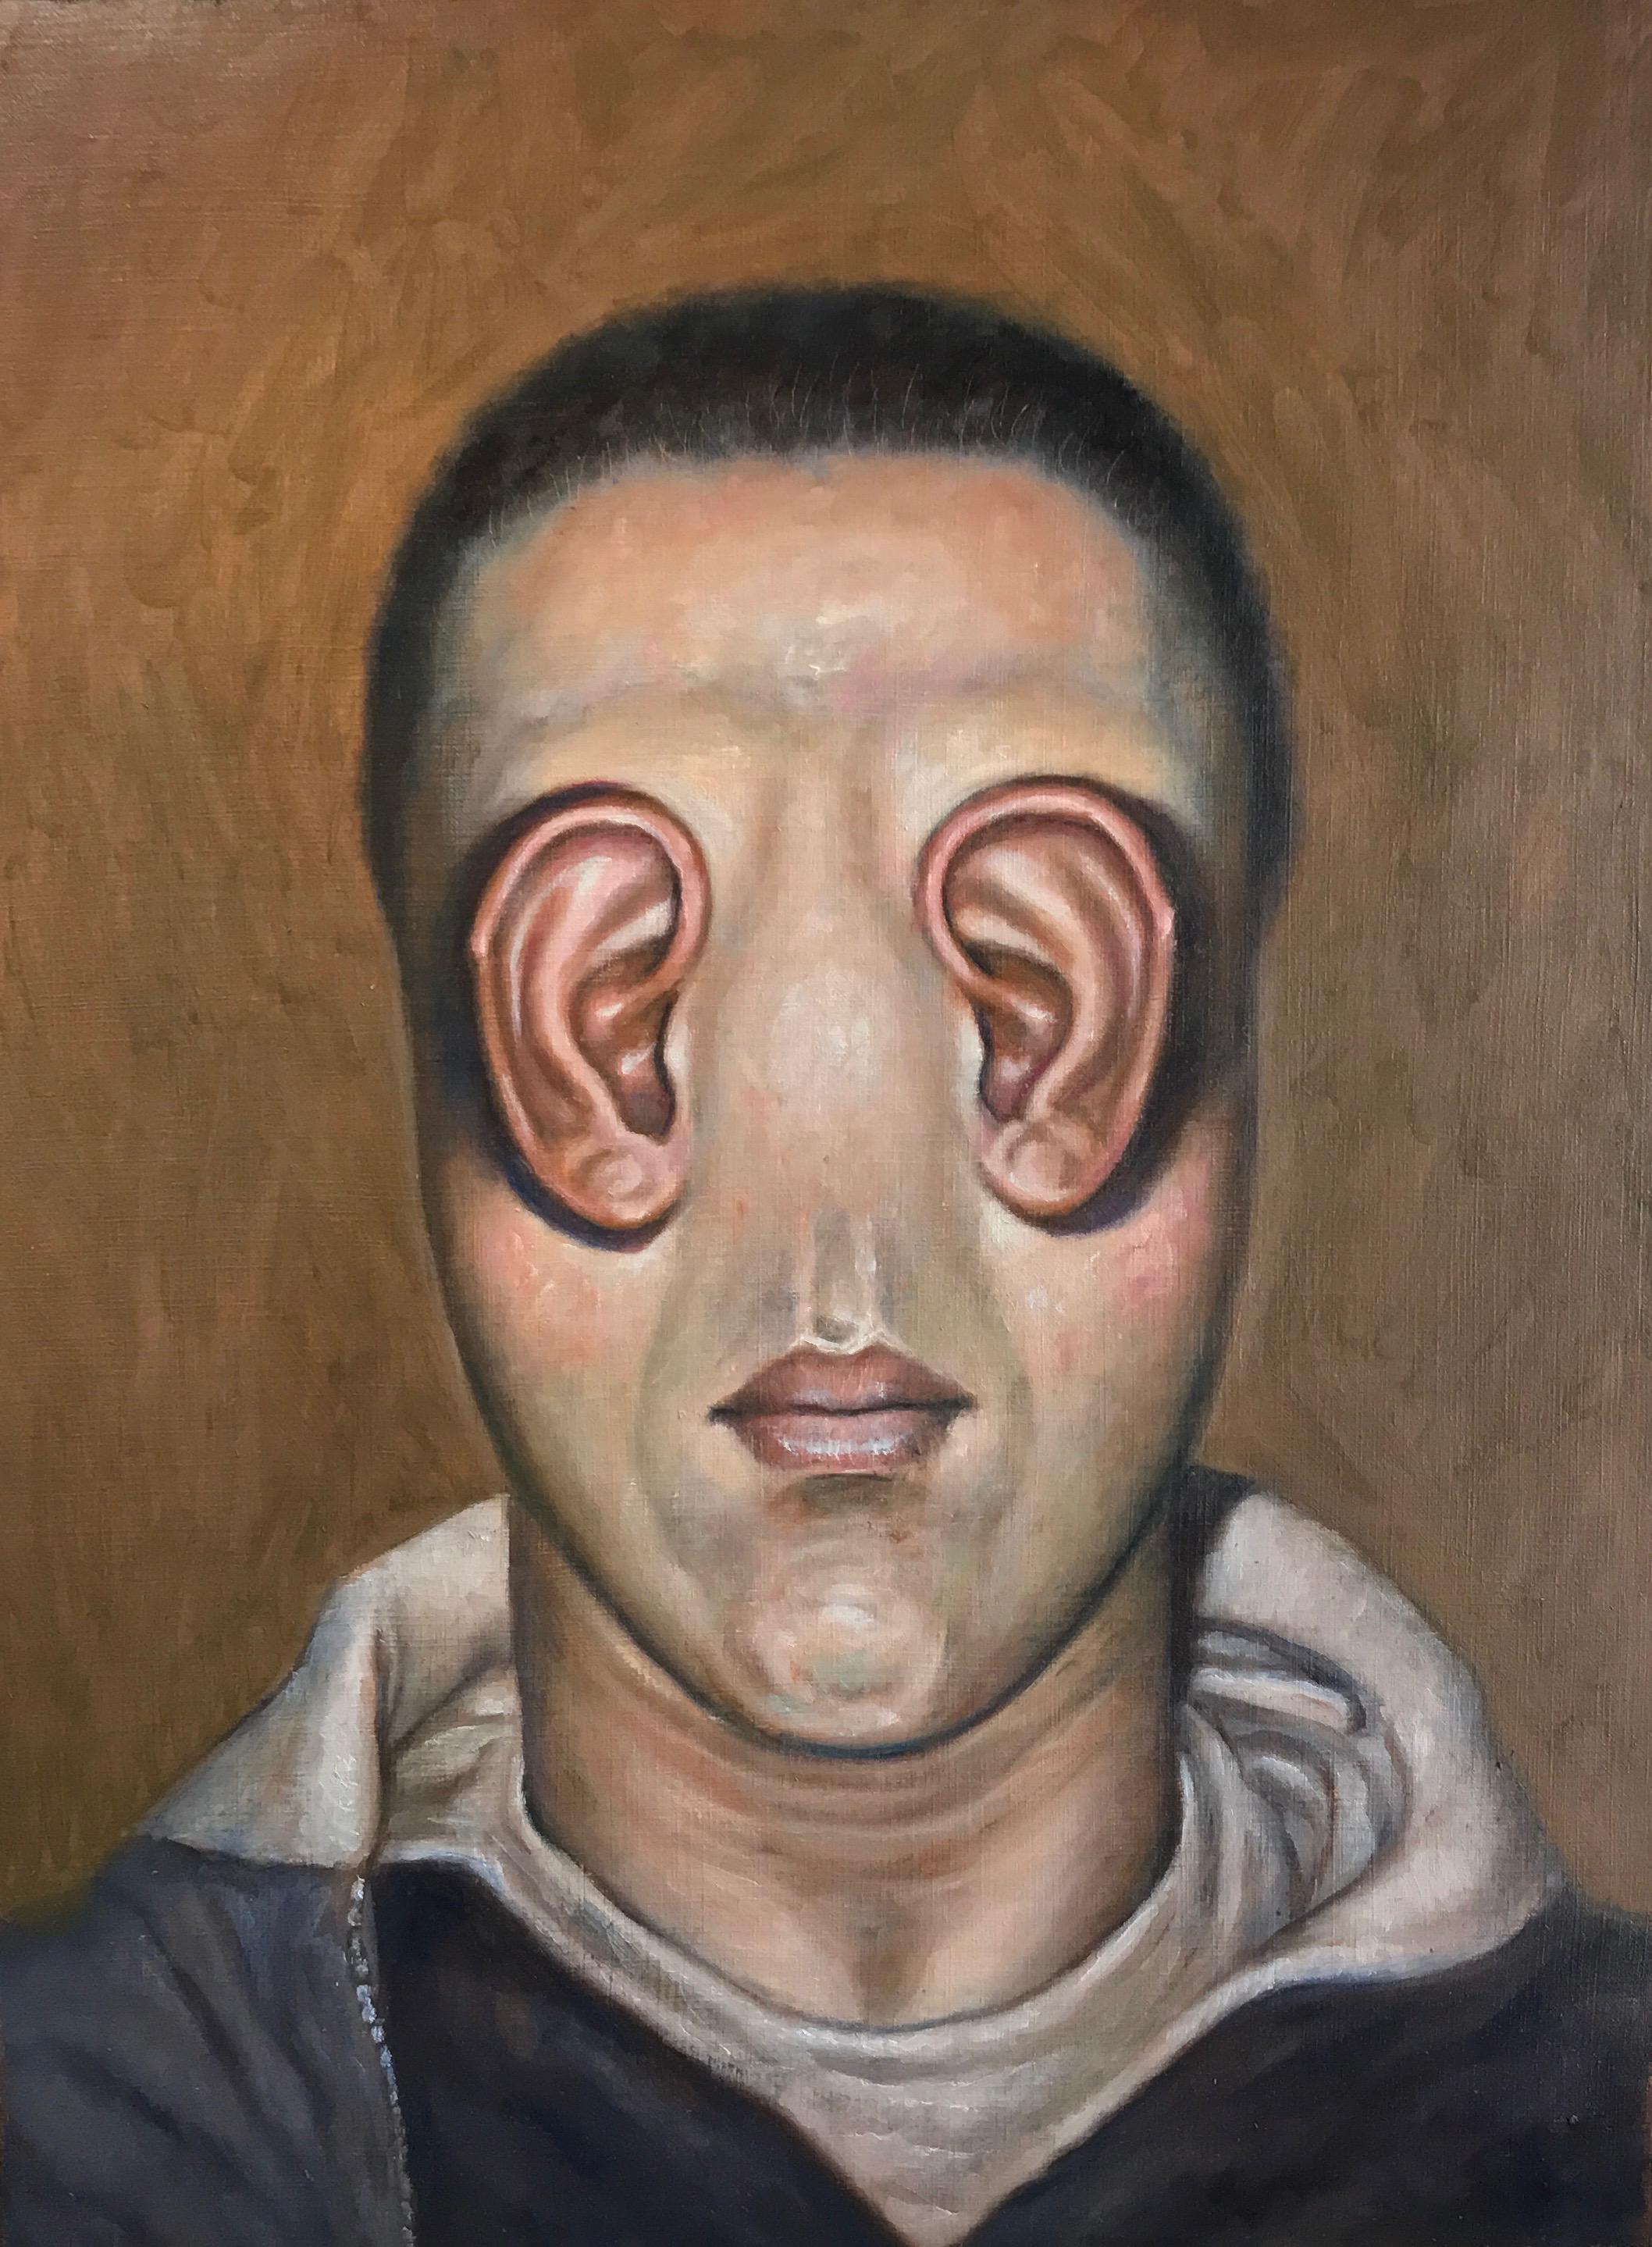 Confused senses 2